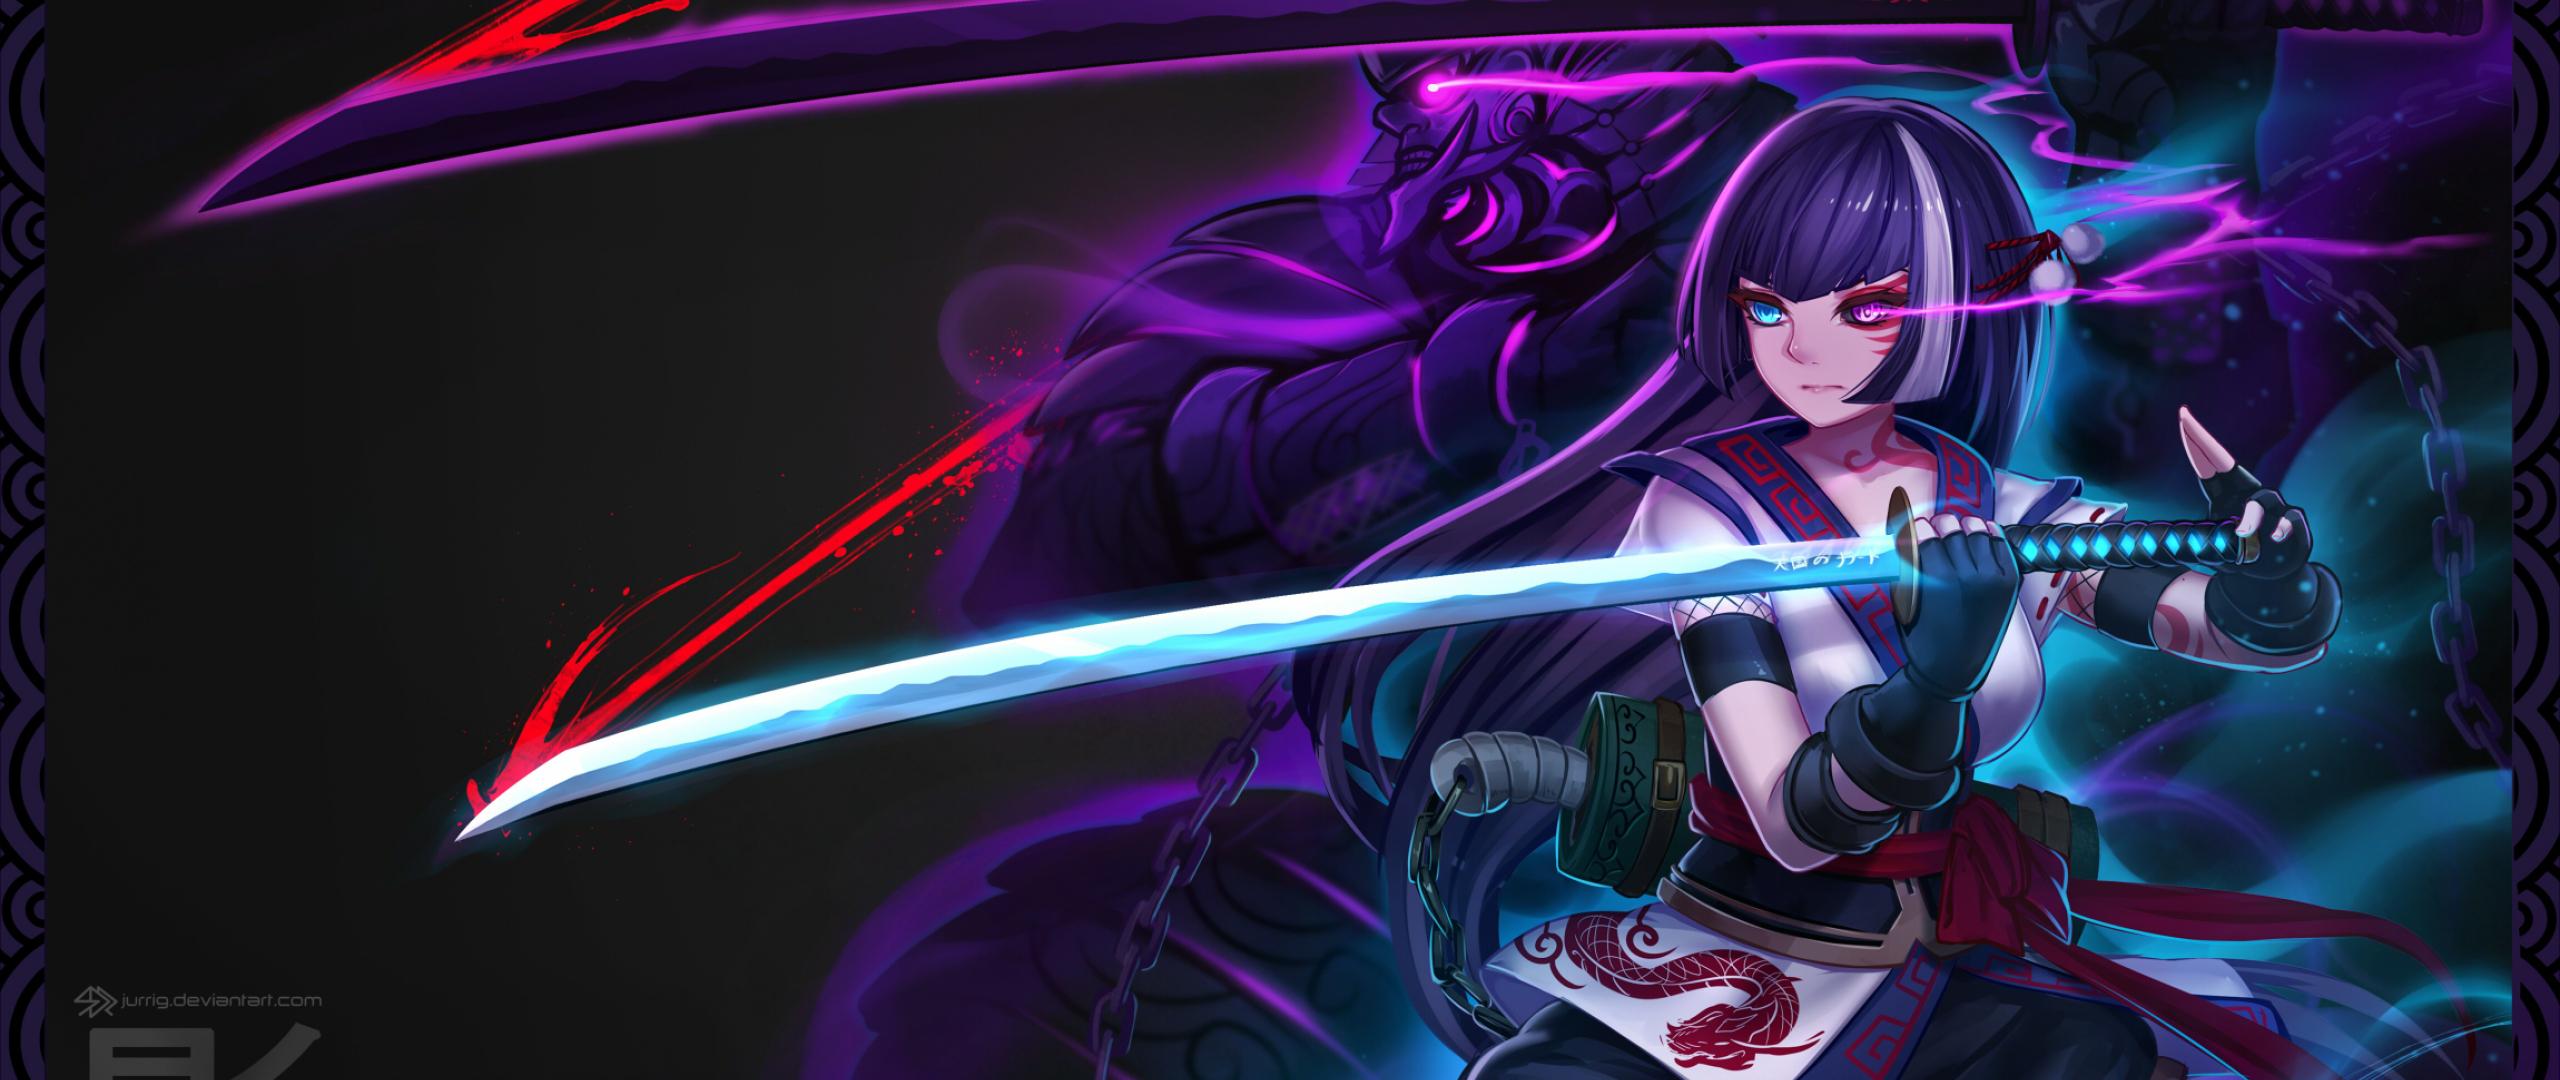 Anime warrior girl full hd 2k wallpaper - Best anime picture hd ...